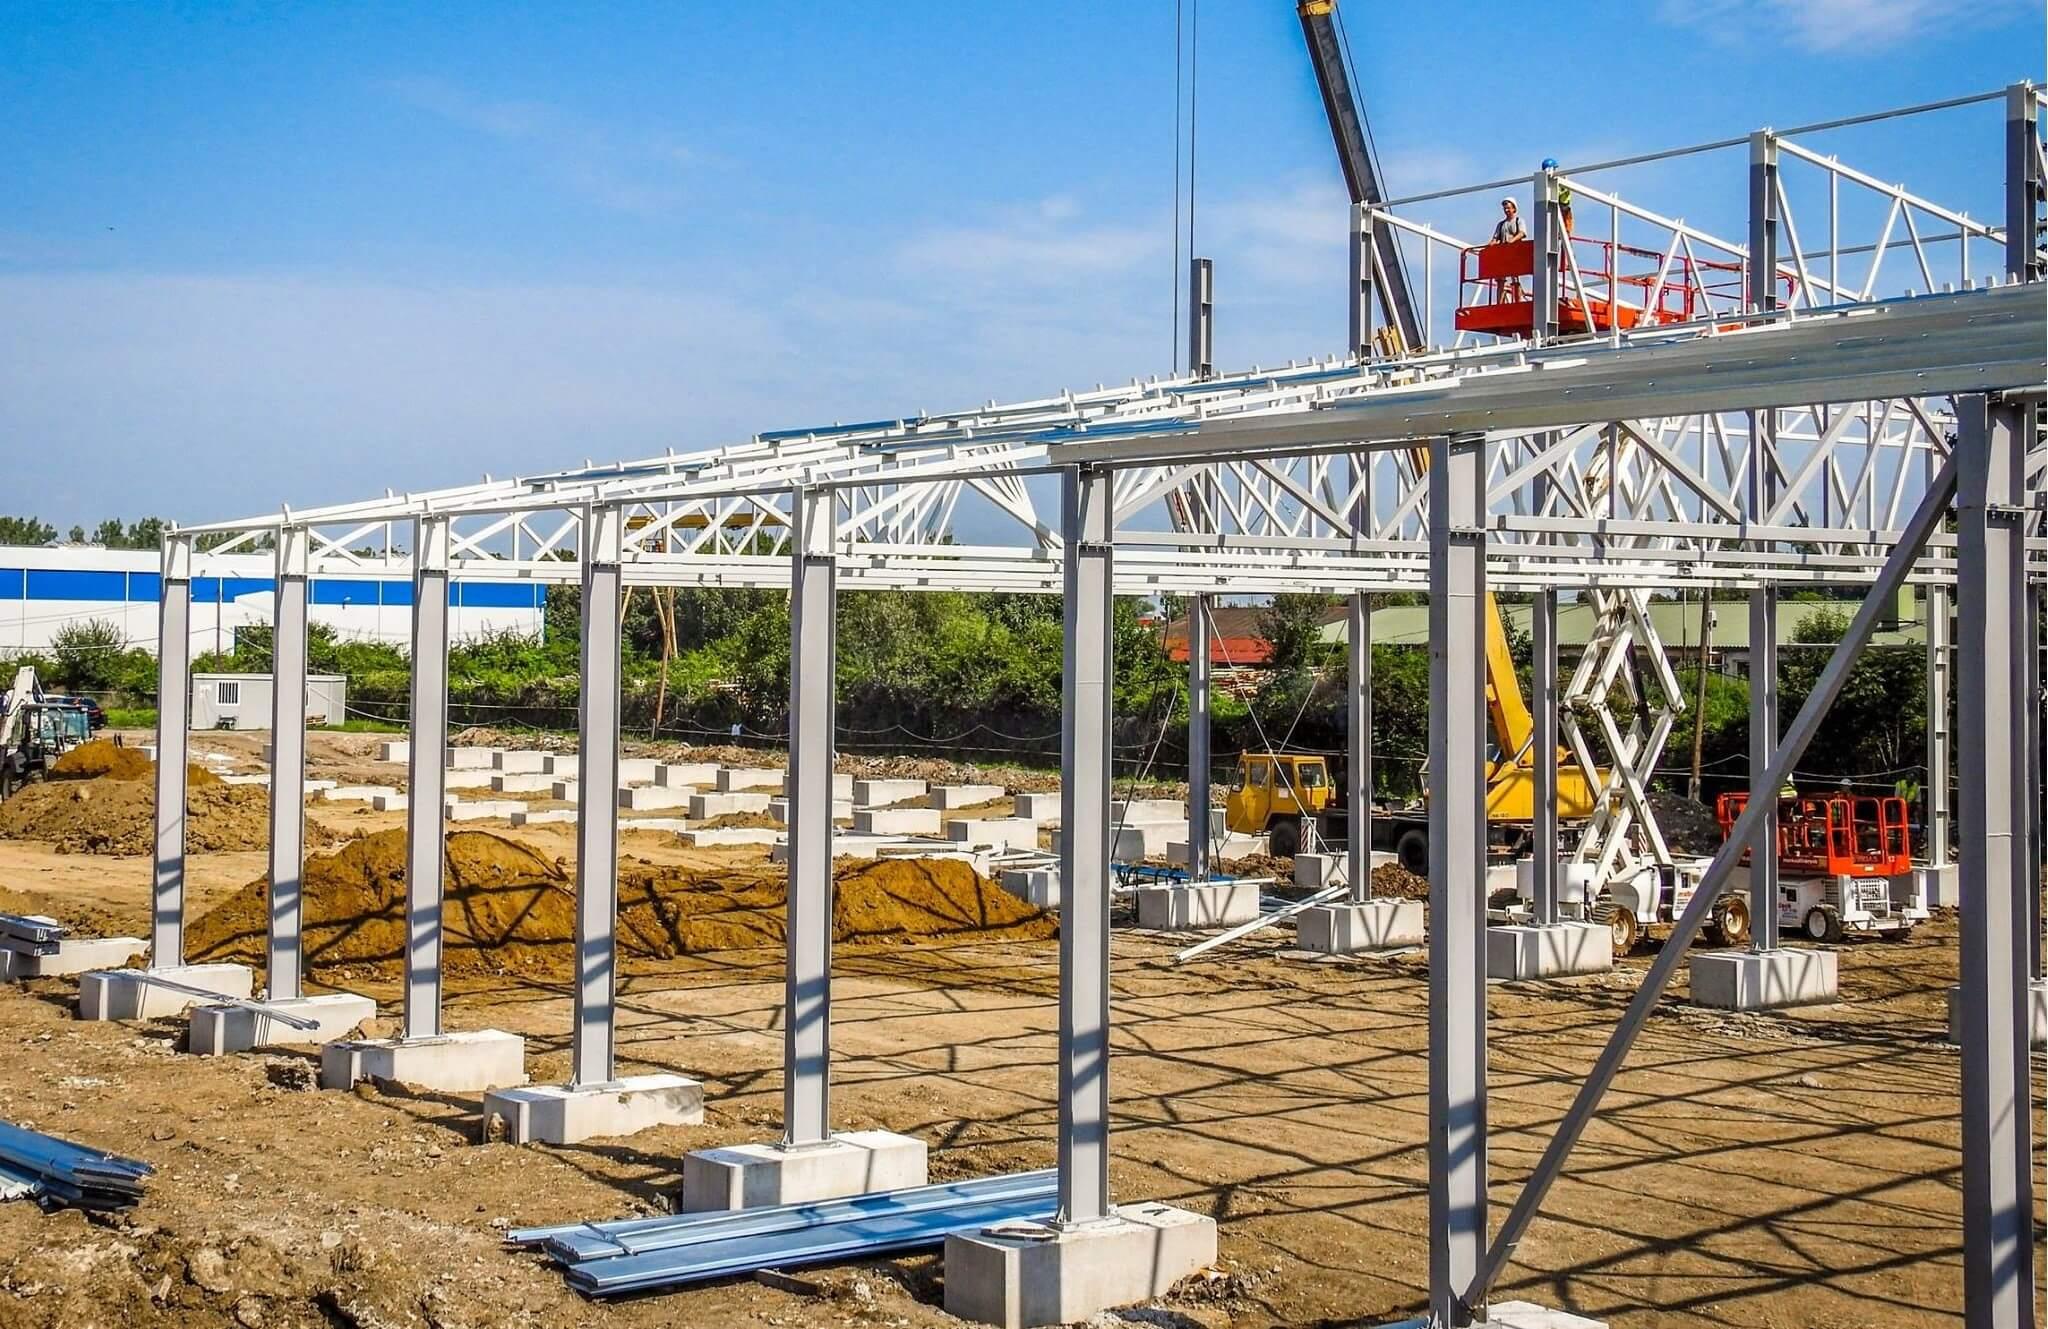 A Nógrádi ropi gyártójának épít logisztikai bázist a VER-BAU